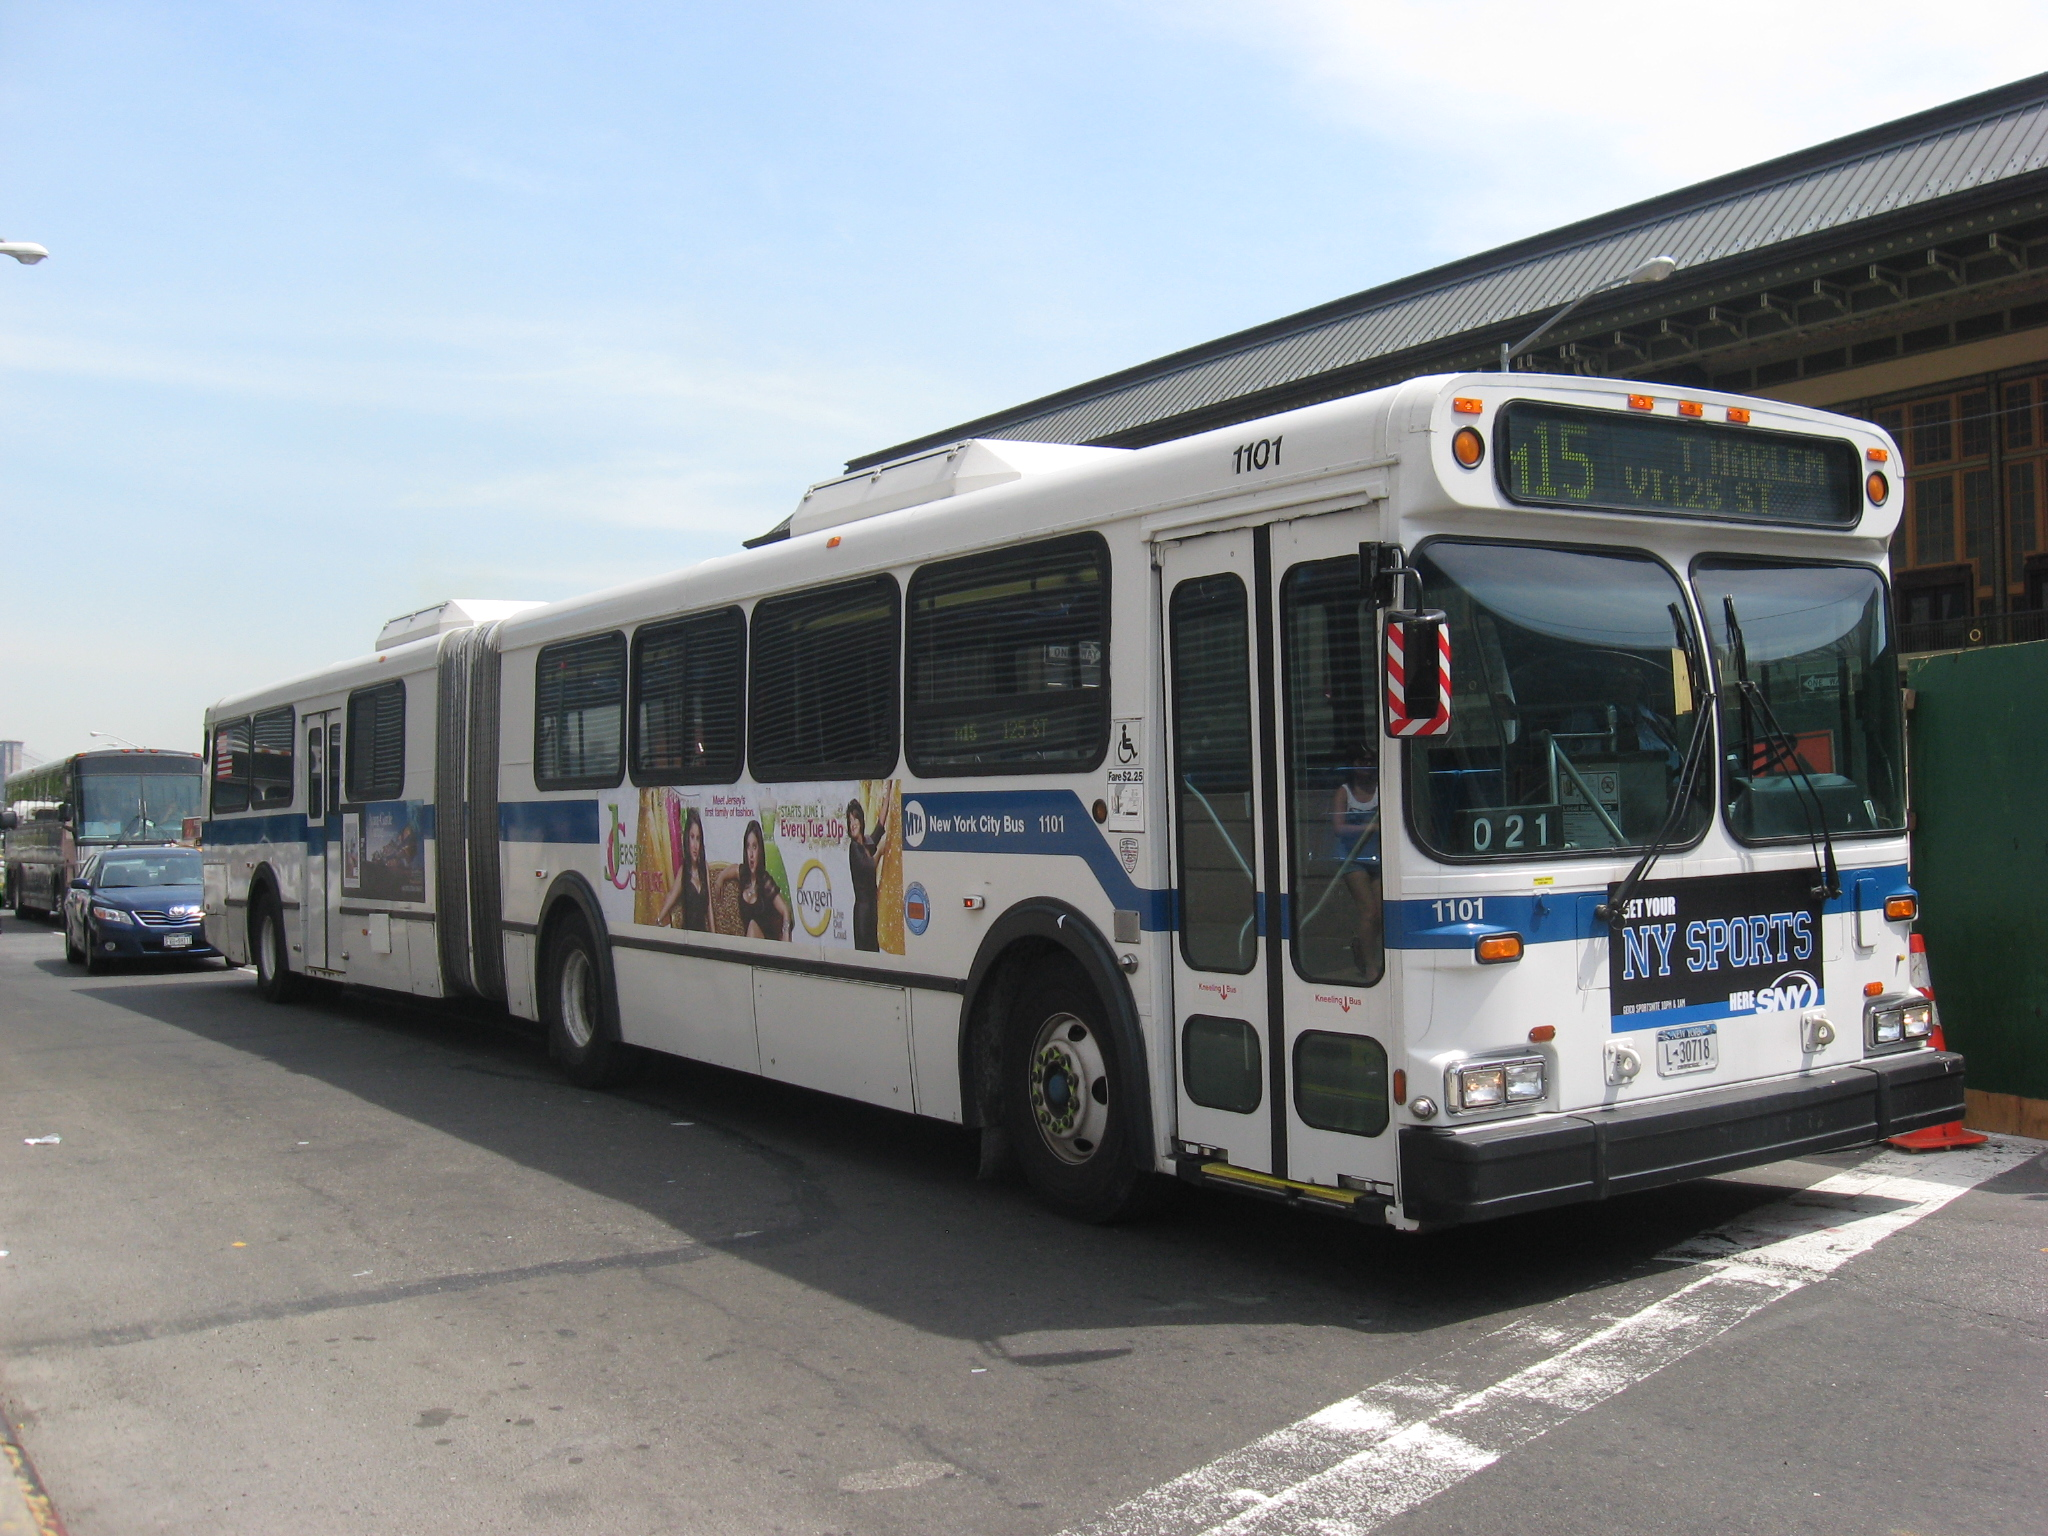 New york city transit strike 2012